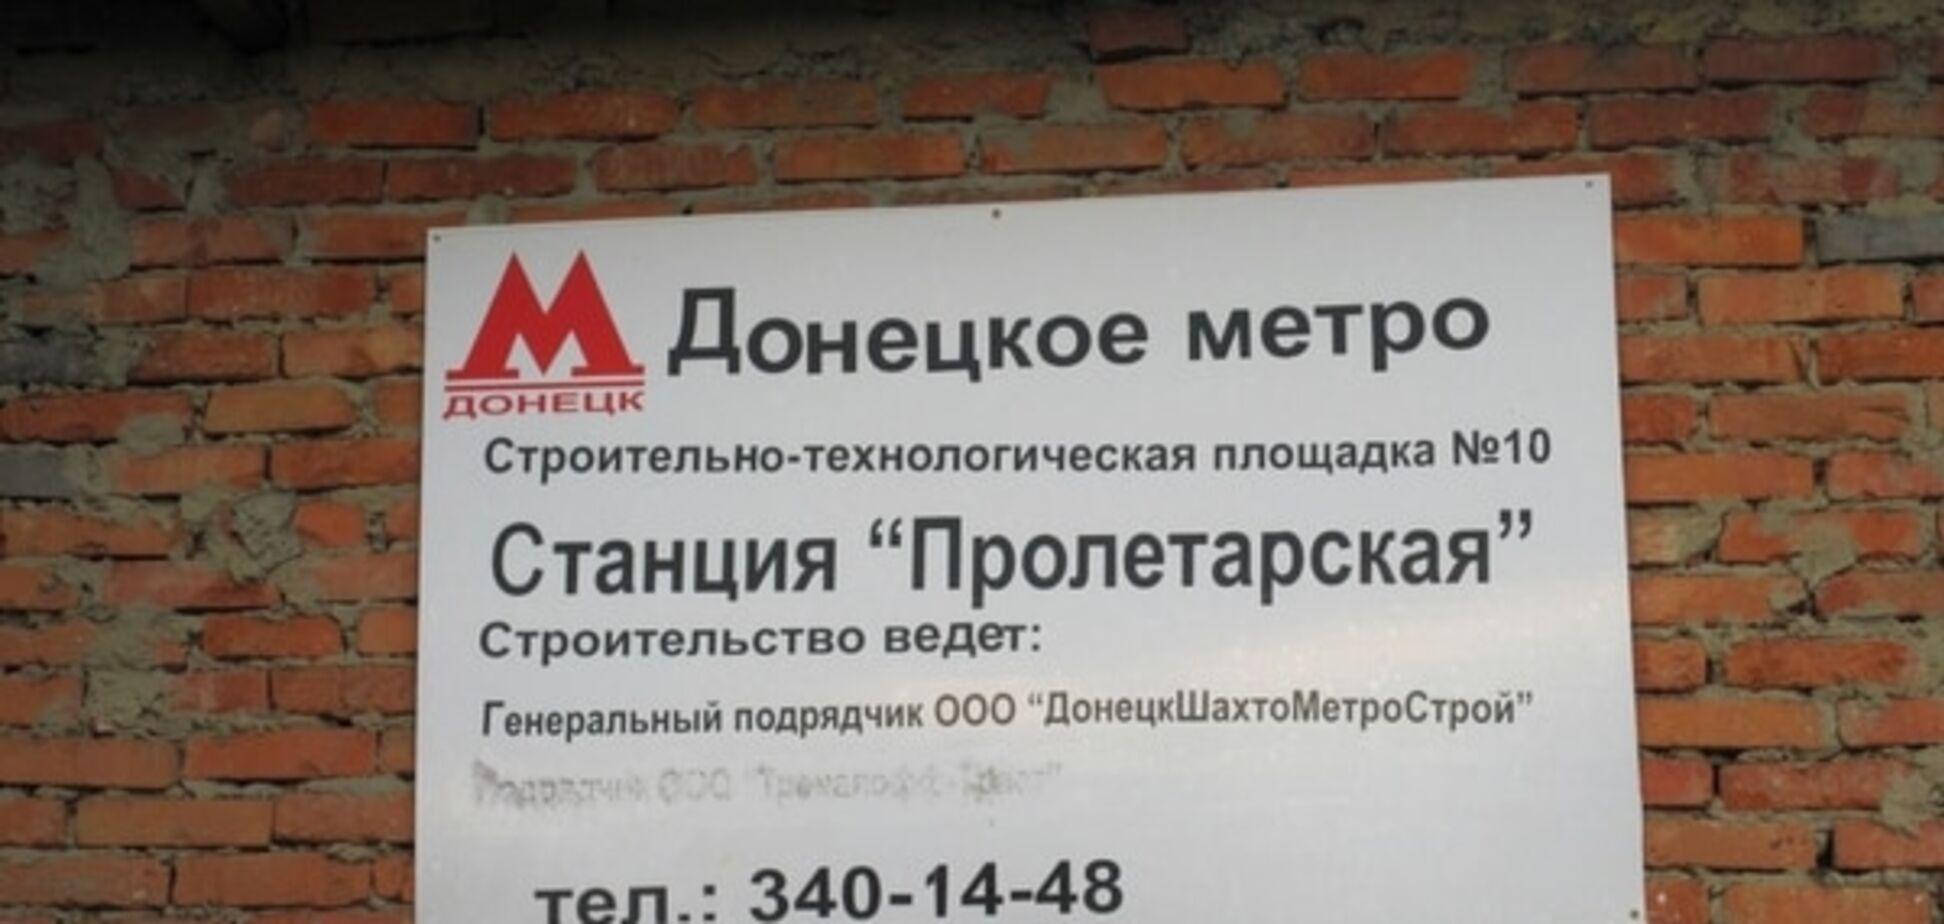 Терористи вирішили побудувати в окупованому Донецьку метро